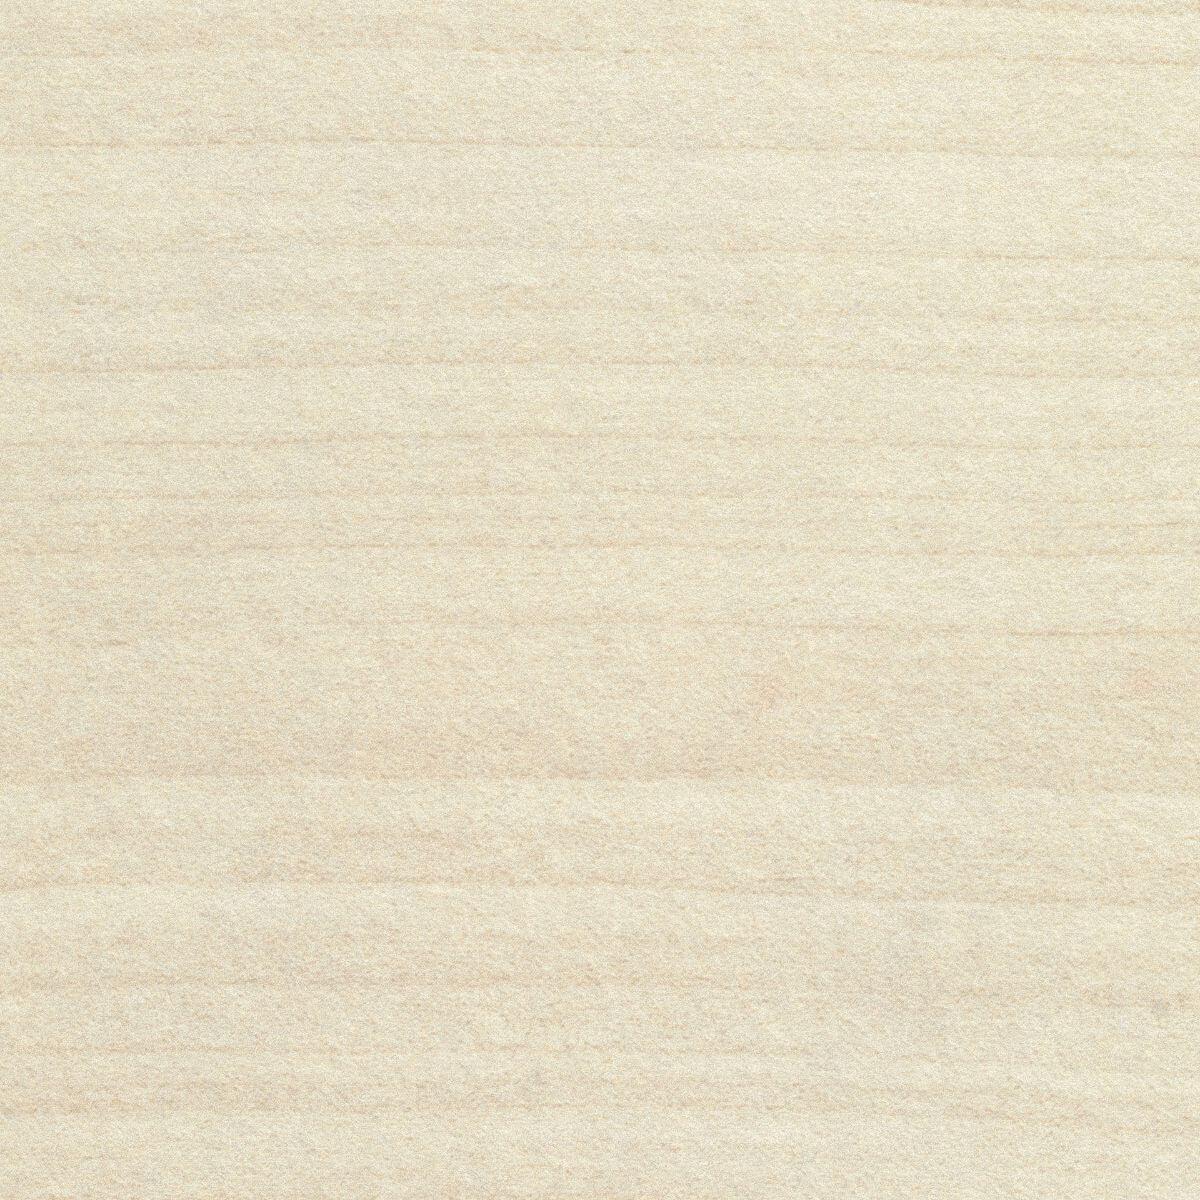 Finitura legno acero chiaro per parete in vetro